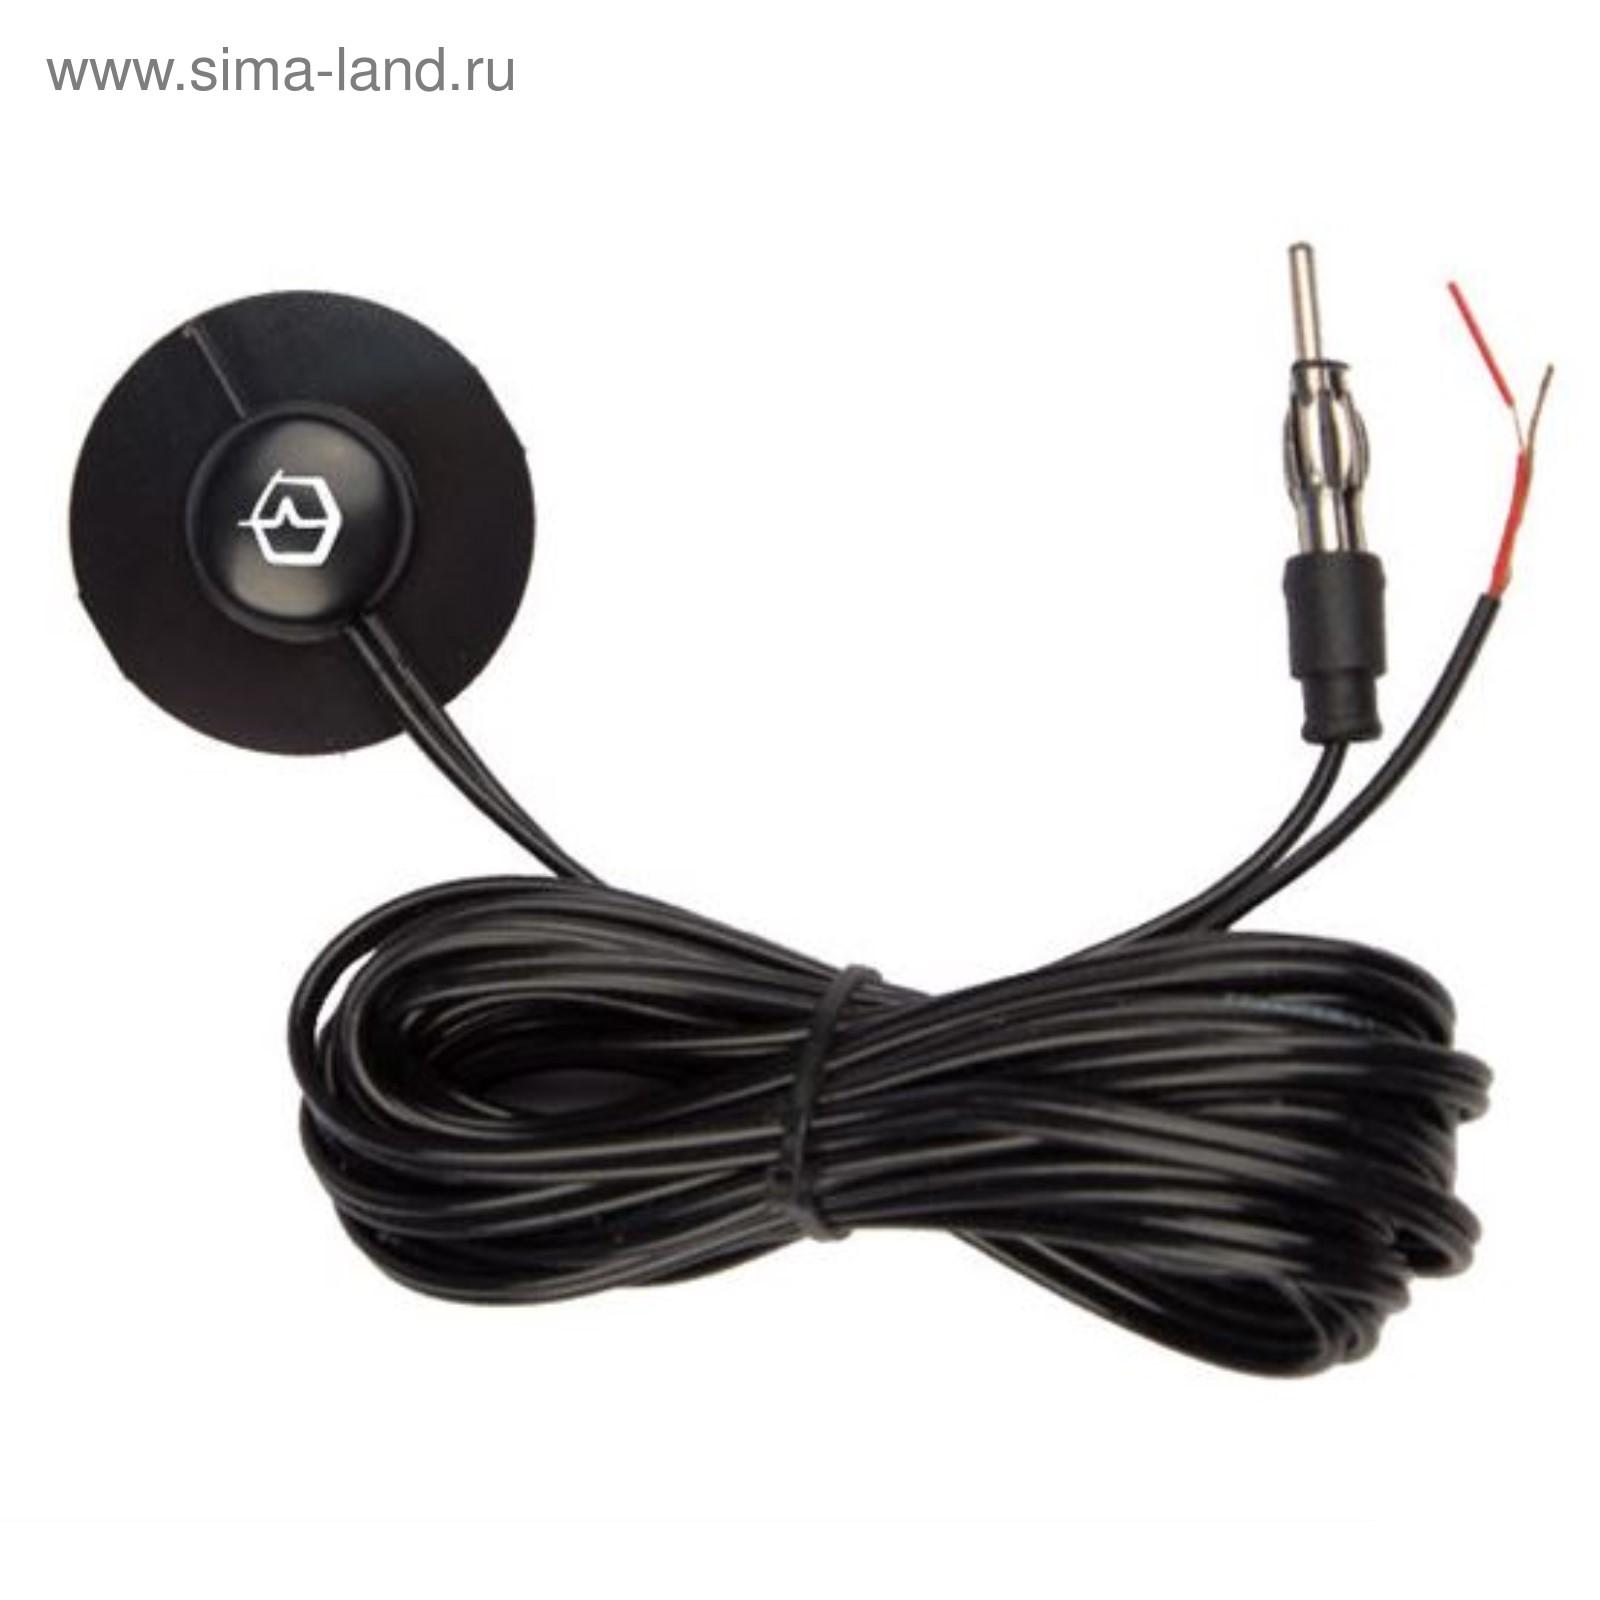 Асексуары для авто антену на магните